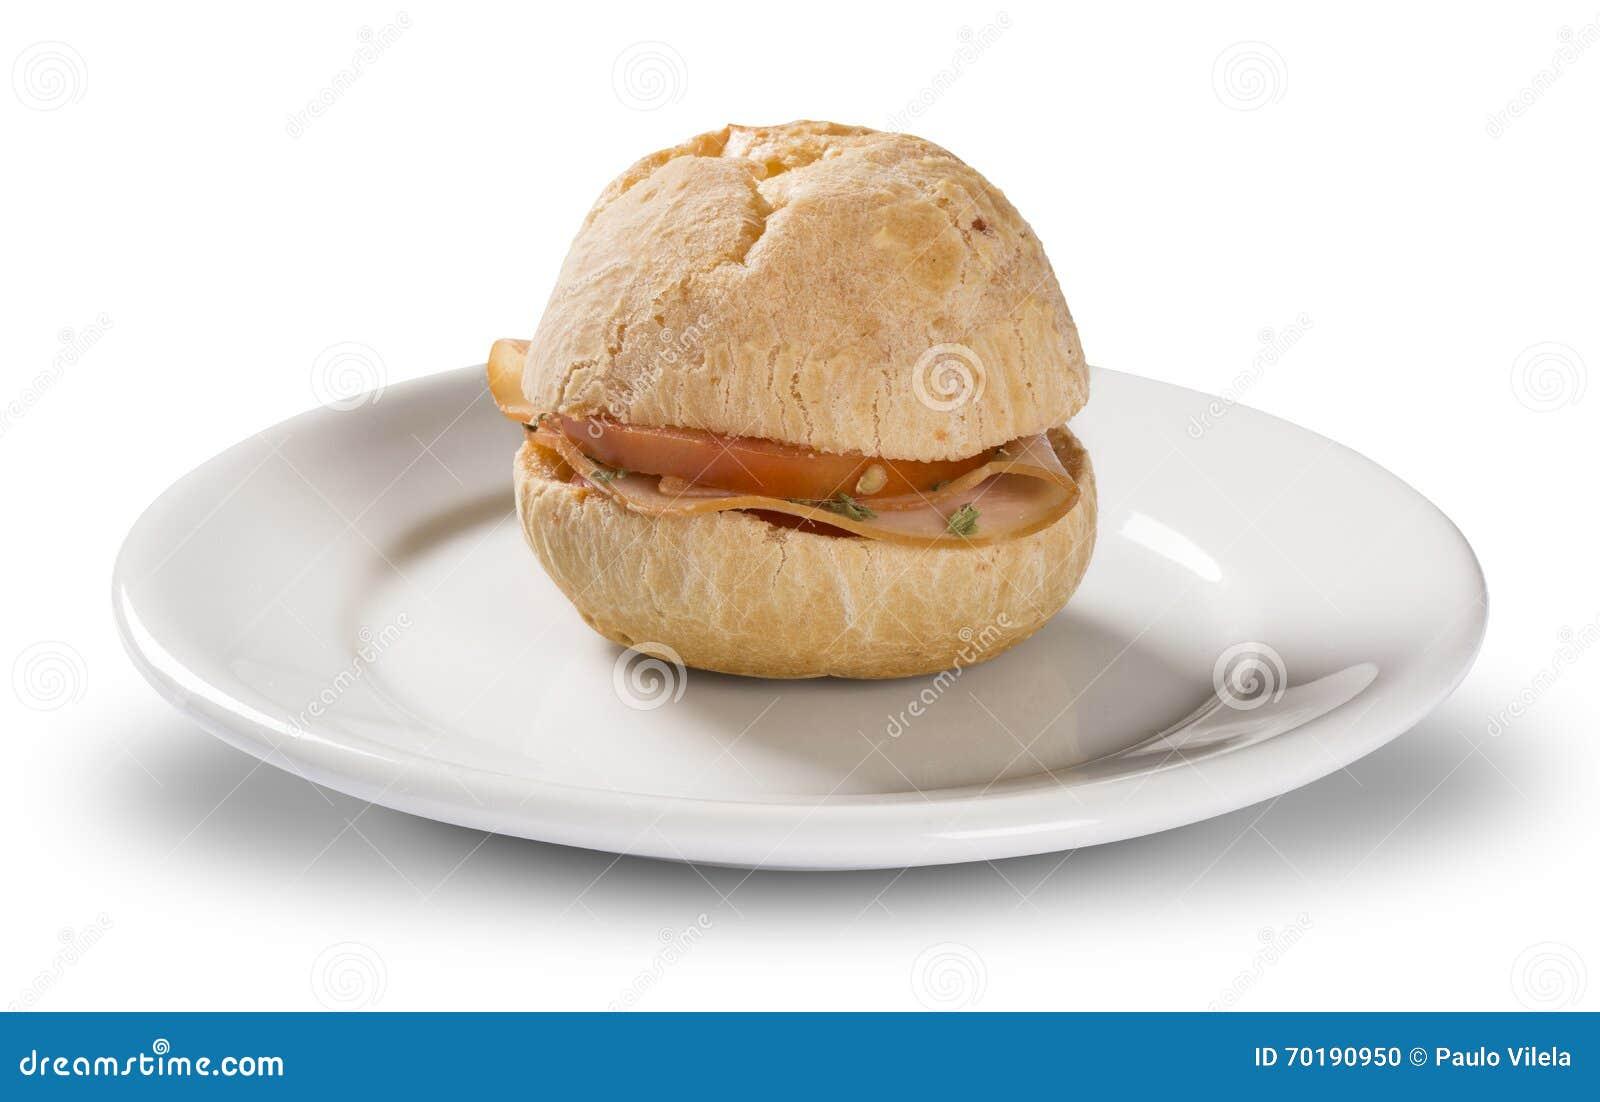 Brasilian mellanmål pao de queijo (ostbröd) på den vita plattan med